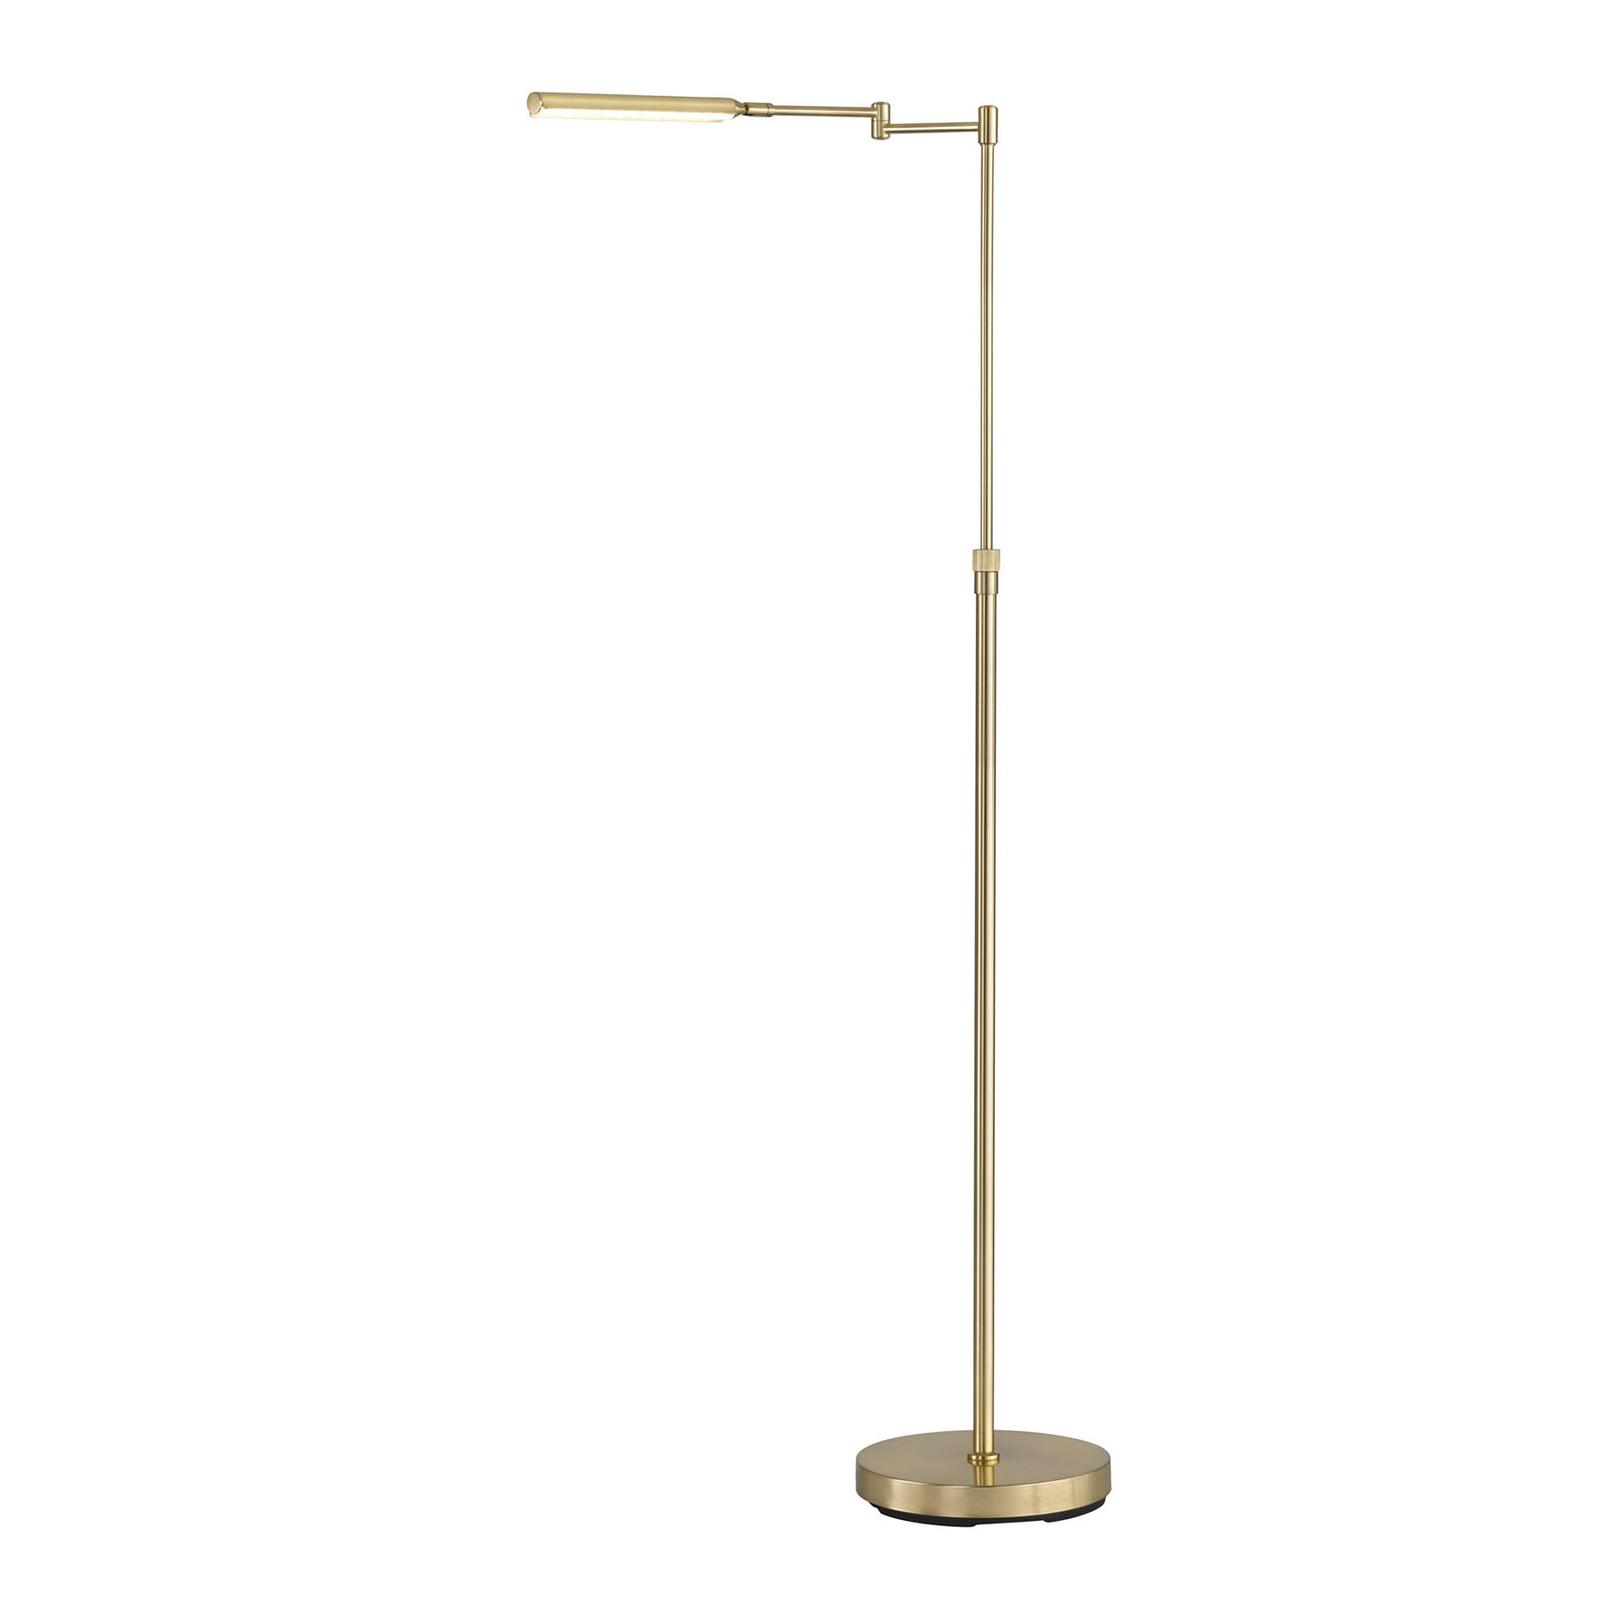 LED stojací lampa Nami s nožním stmívačem, mosazná